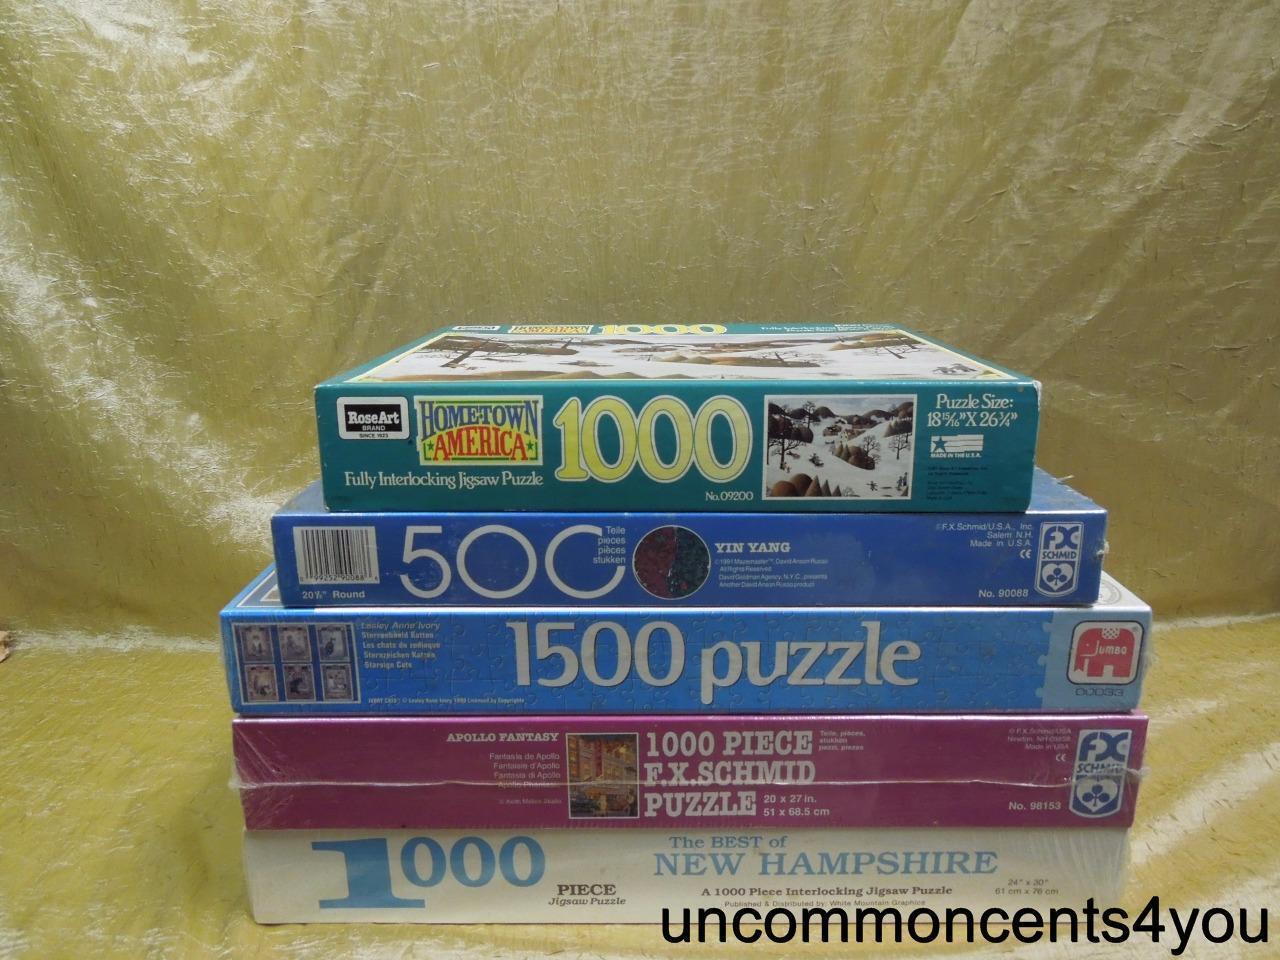 Lot of Puzzle,5,500,1000,1500,New Hampshire,Schmid,Cats,Hometown America,etc,NIB